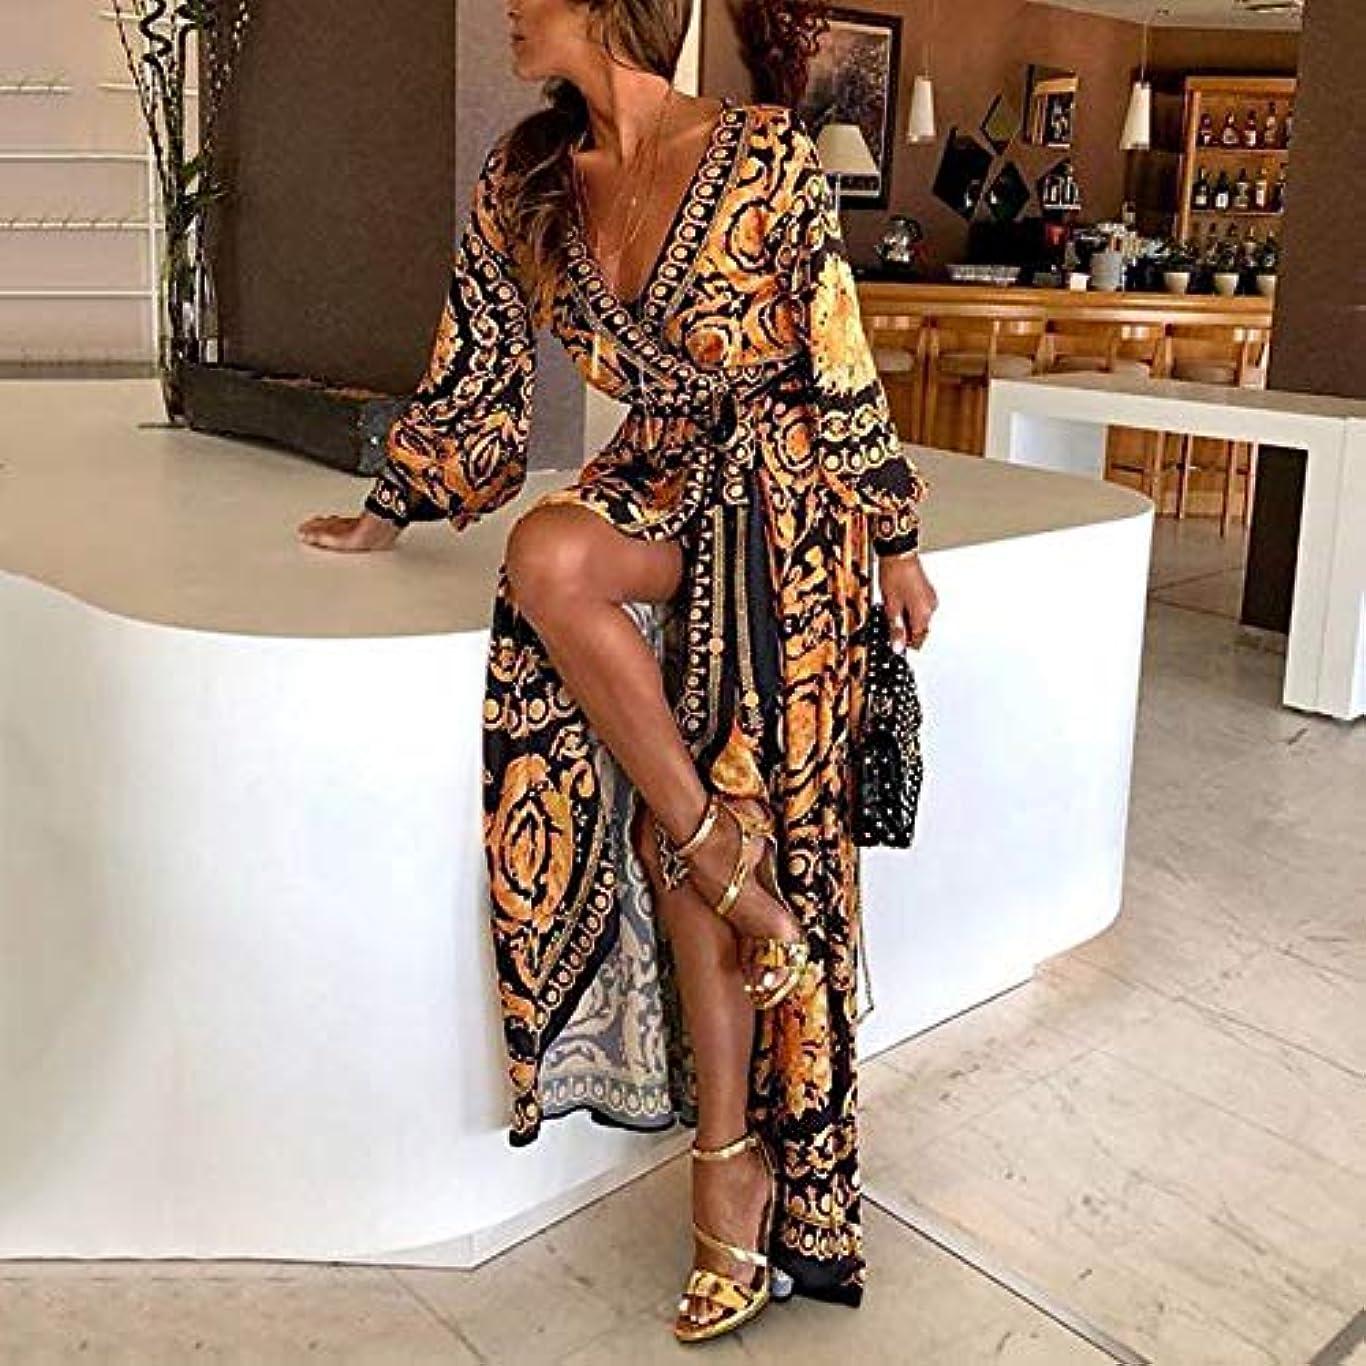 ロバ確認してください月曜日Onderroa - ファッションエレガントな女性のセクシーなボートネックグリッターディープVネックドレスパーティーフォーマルロングドレスを印刷